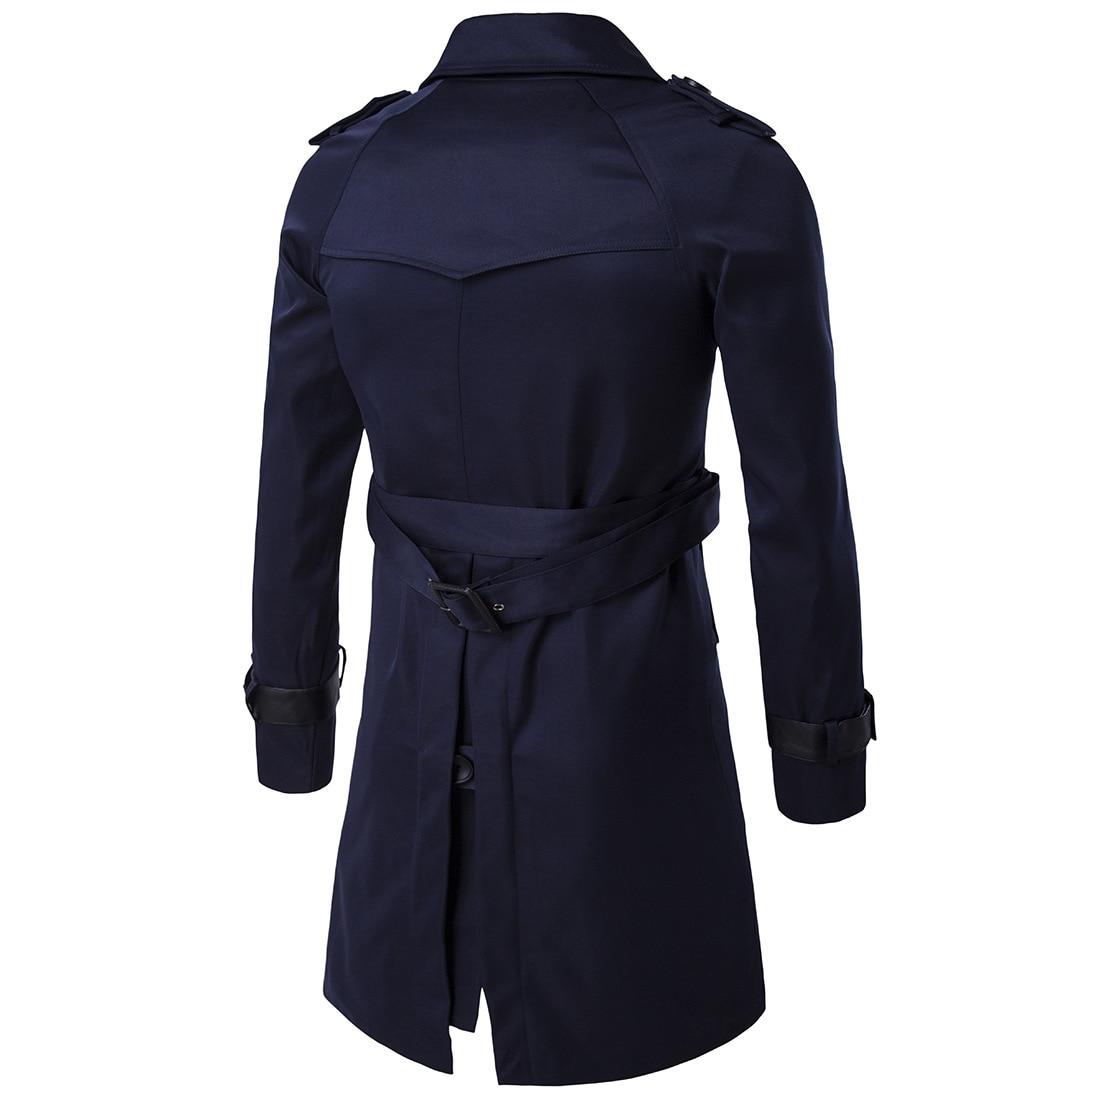 НОВЫЙ Тренч, Мужская брендовая одежда, высокое качество, мужской Тренч, новинка 2017, модное дизайнерское мужское длинное пальто, Осень зима - 5